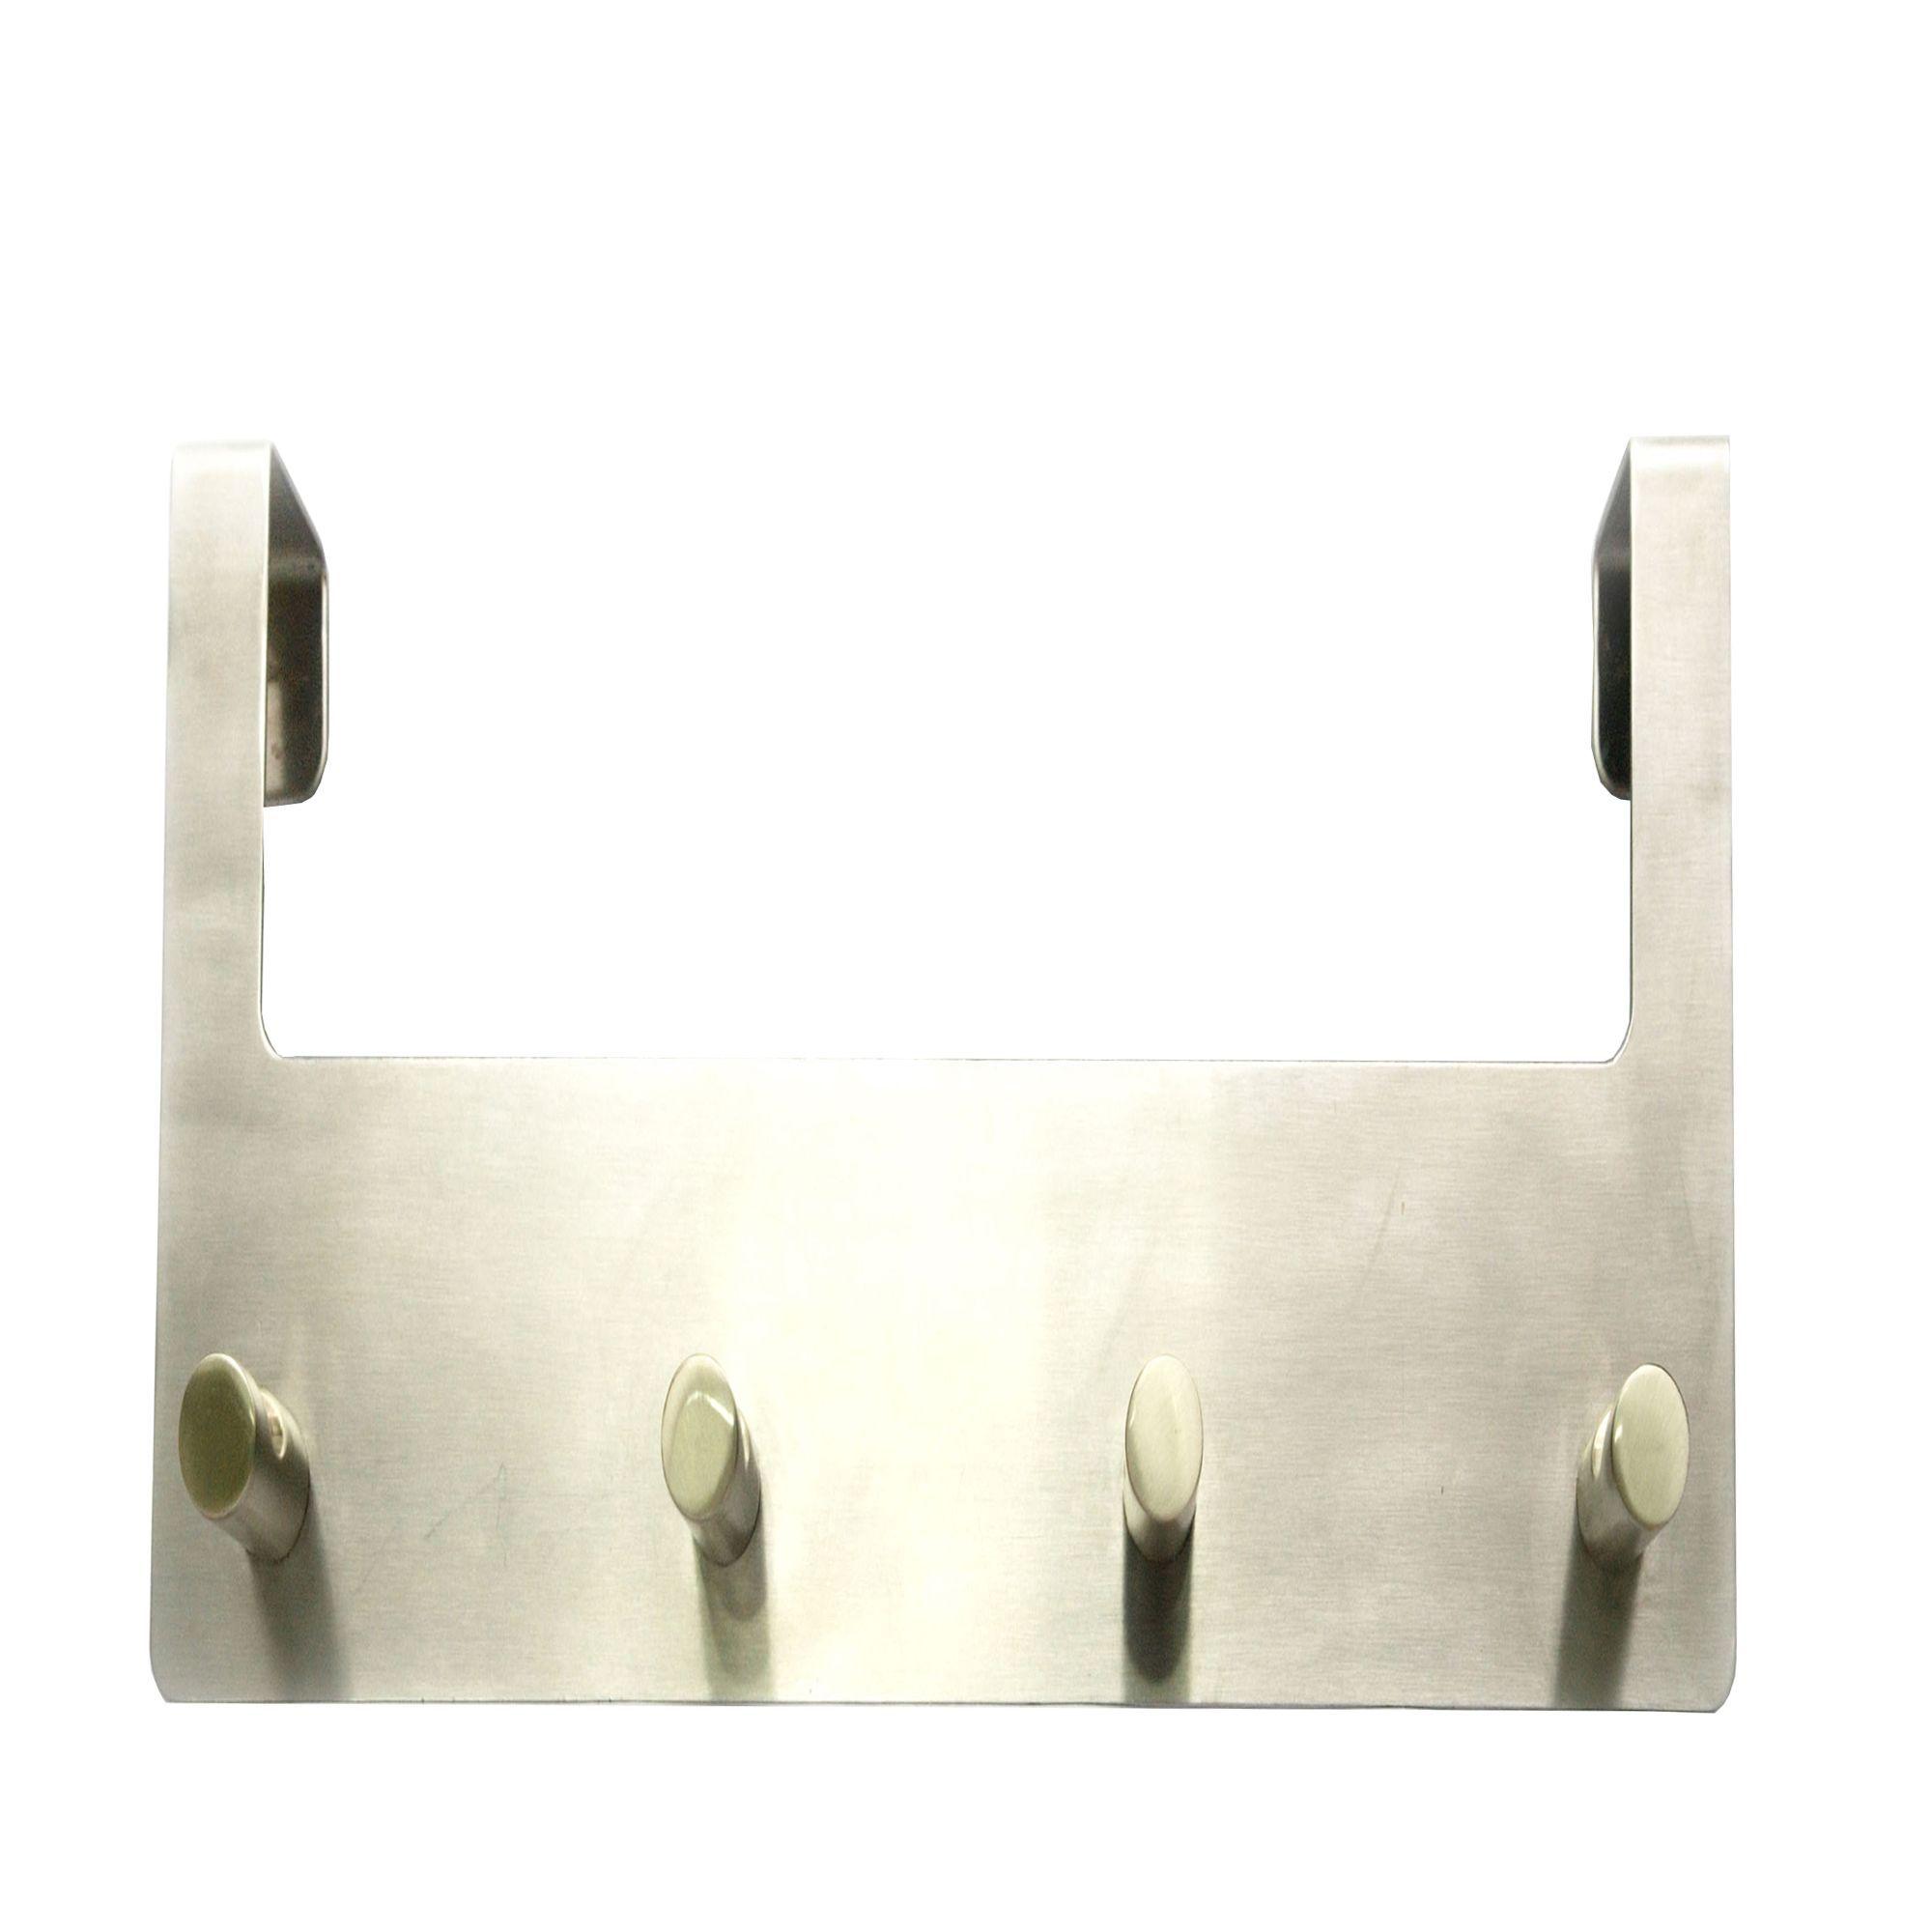 B&q Silver Satin Nickel Effect Hook Rail (h)120mm (w)39mm (l)321mm